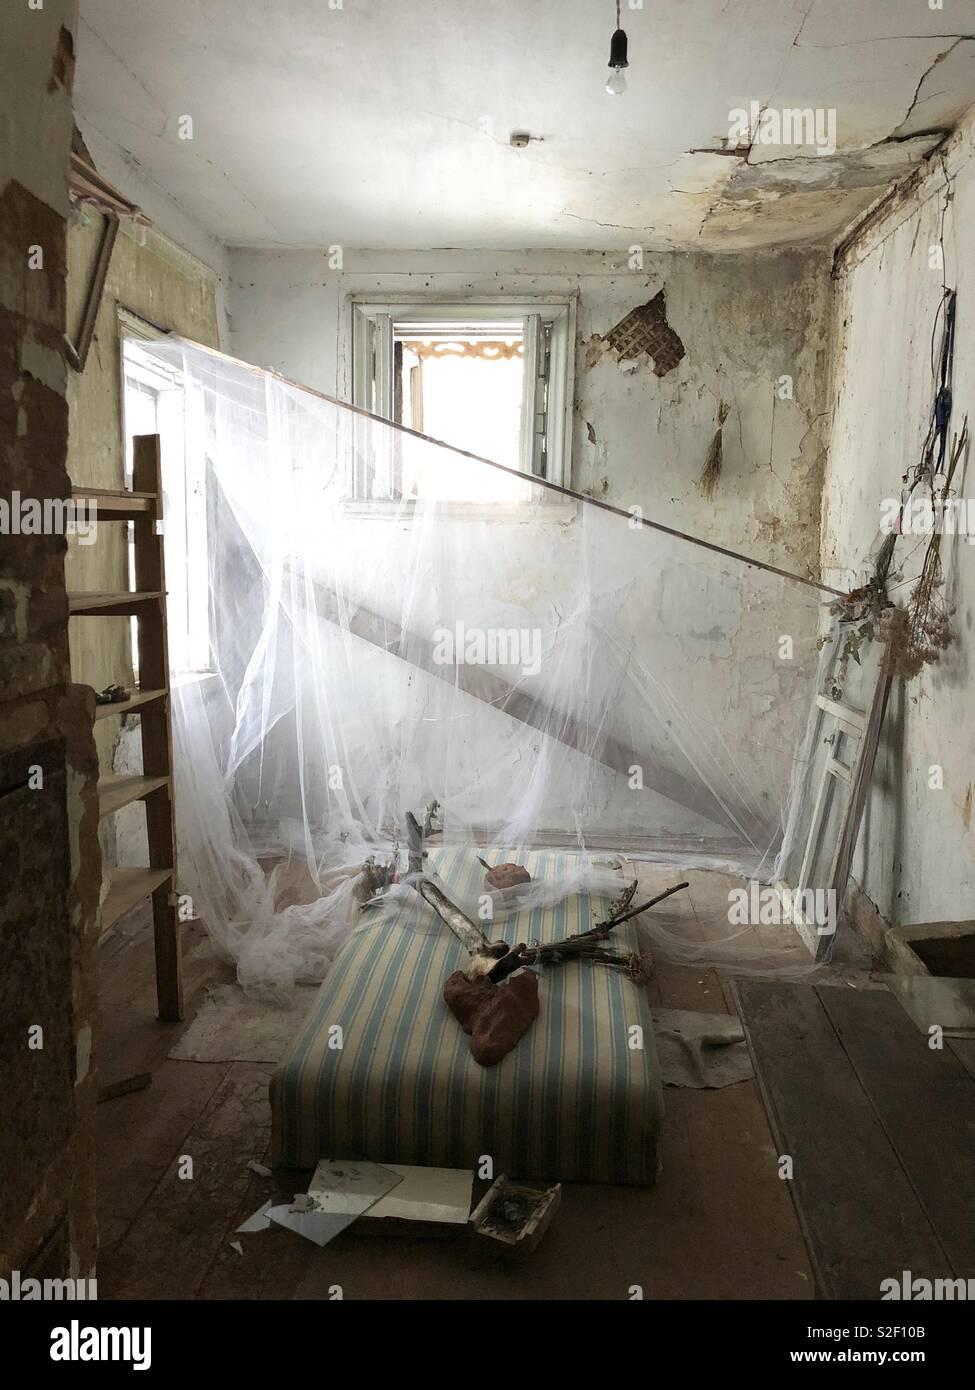 Instalação de arte assustador em um edifício histórico em ruínas Imagens de Stock